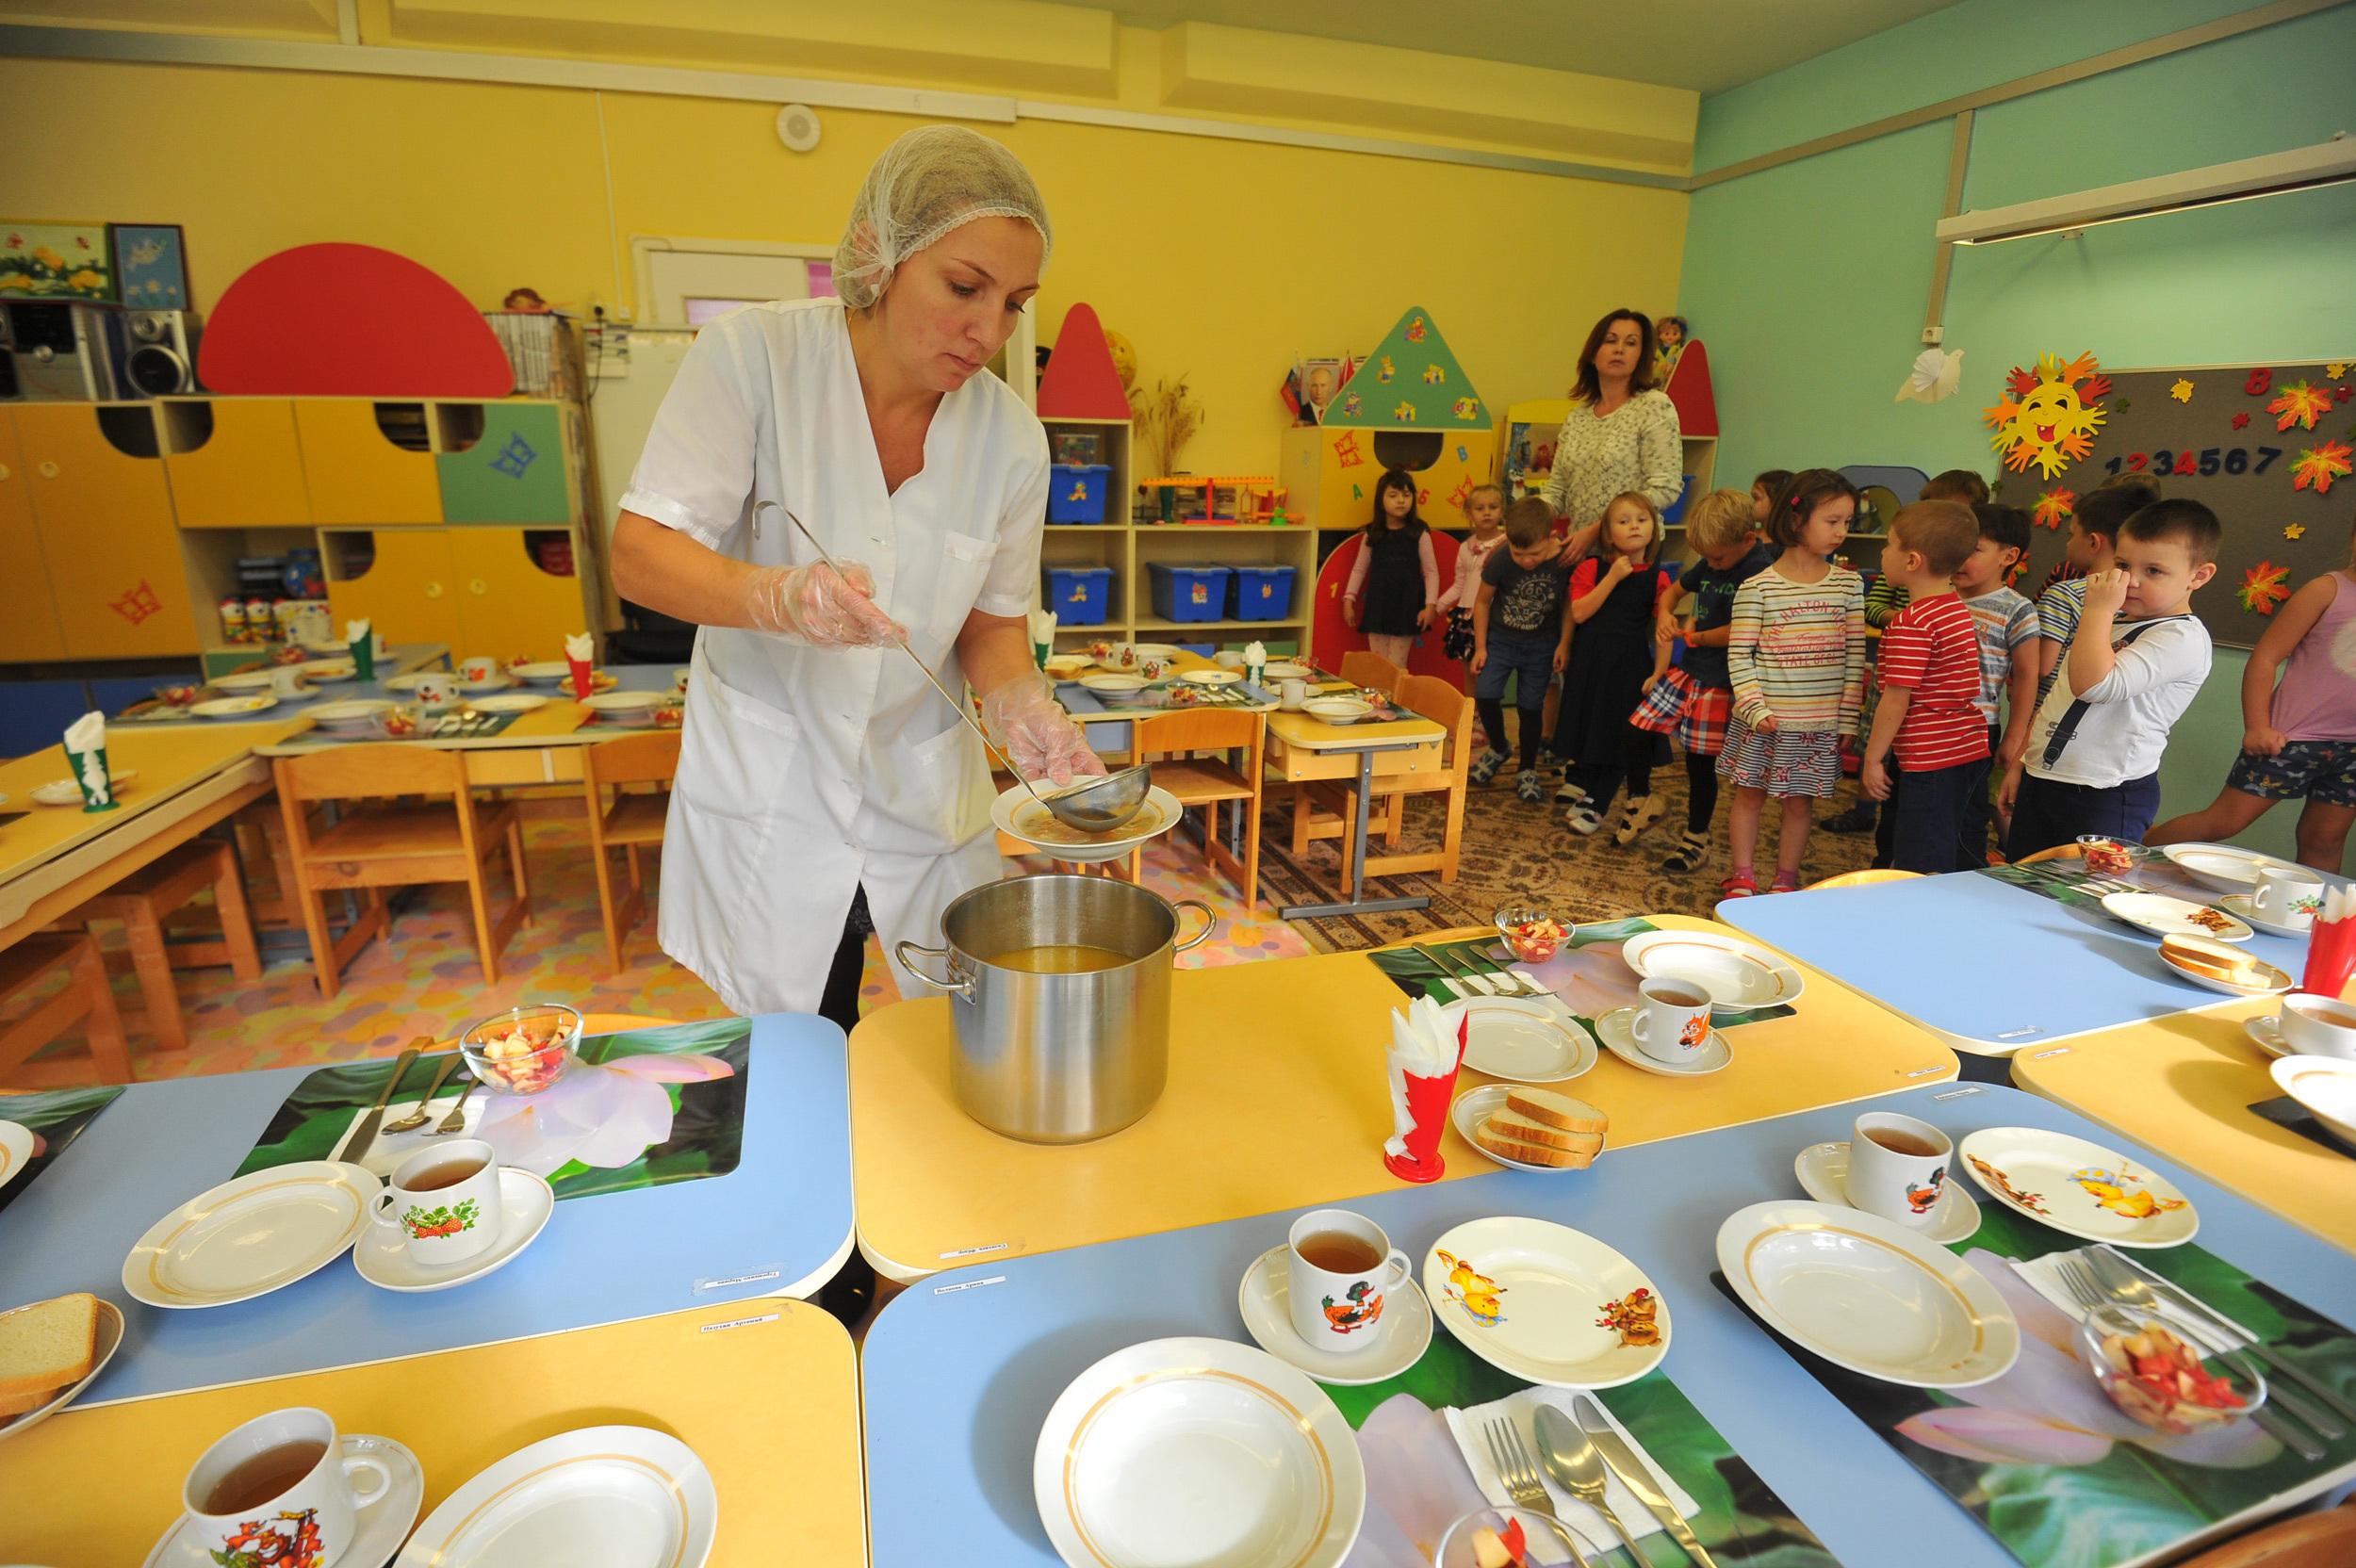 У детей нет и не было проблем с детсадовским питанием.